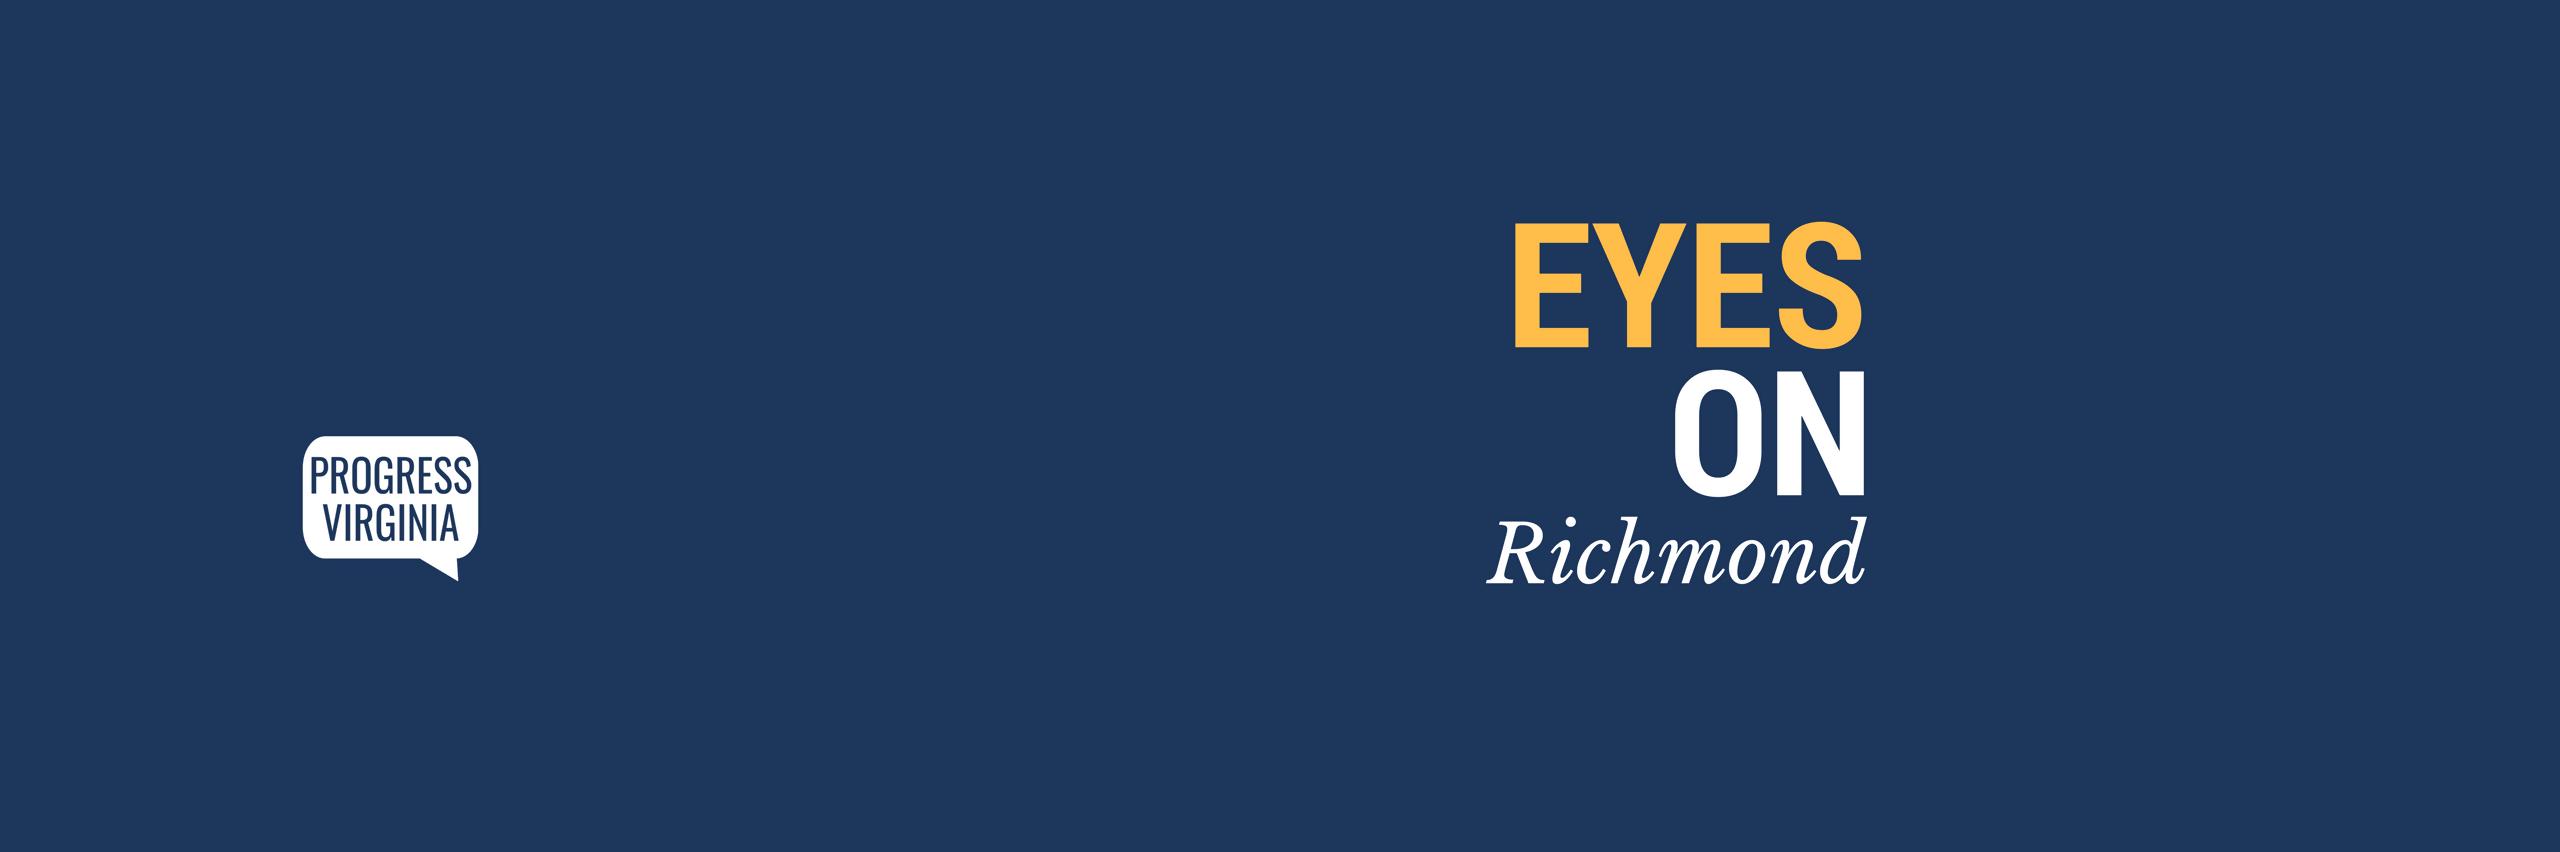 Progress Virginia Eyes on Richmond 3